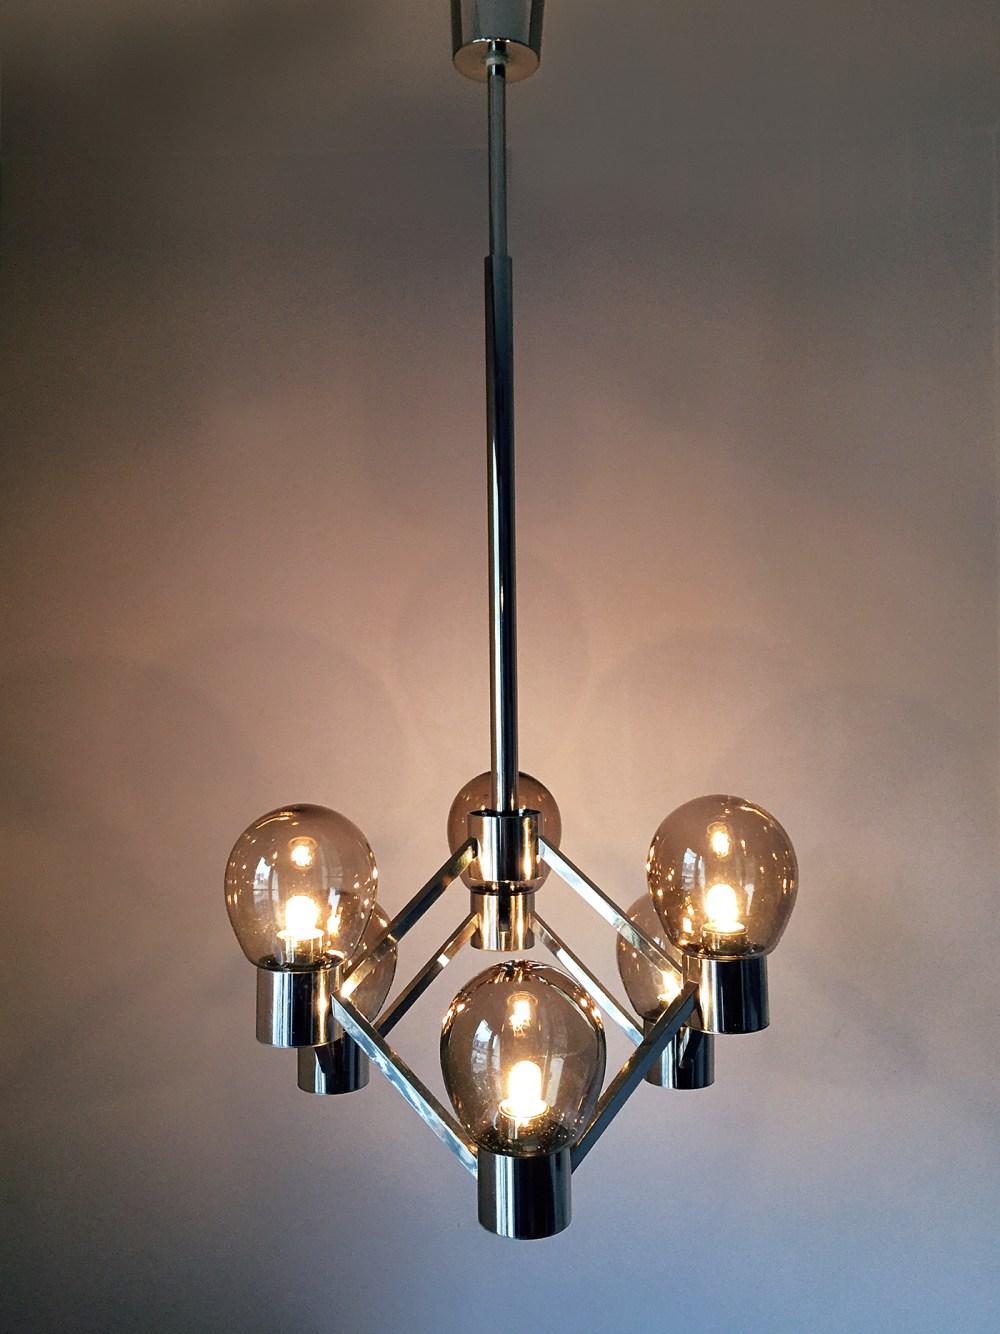 lustre suspension vintage en forme d'atome, chrome et verres fumés 1960